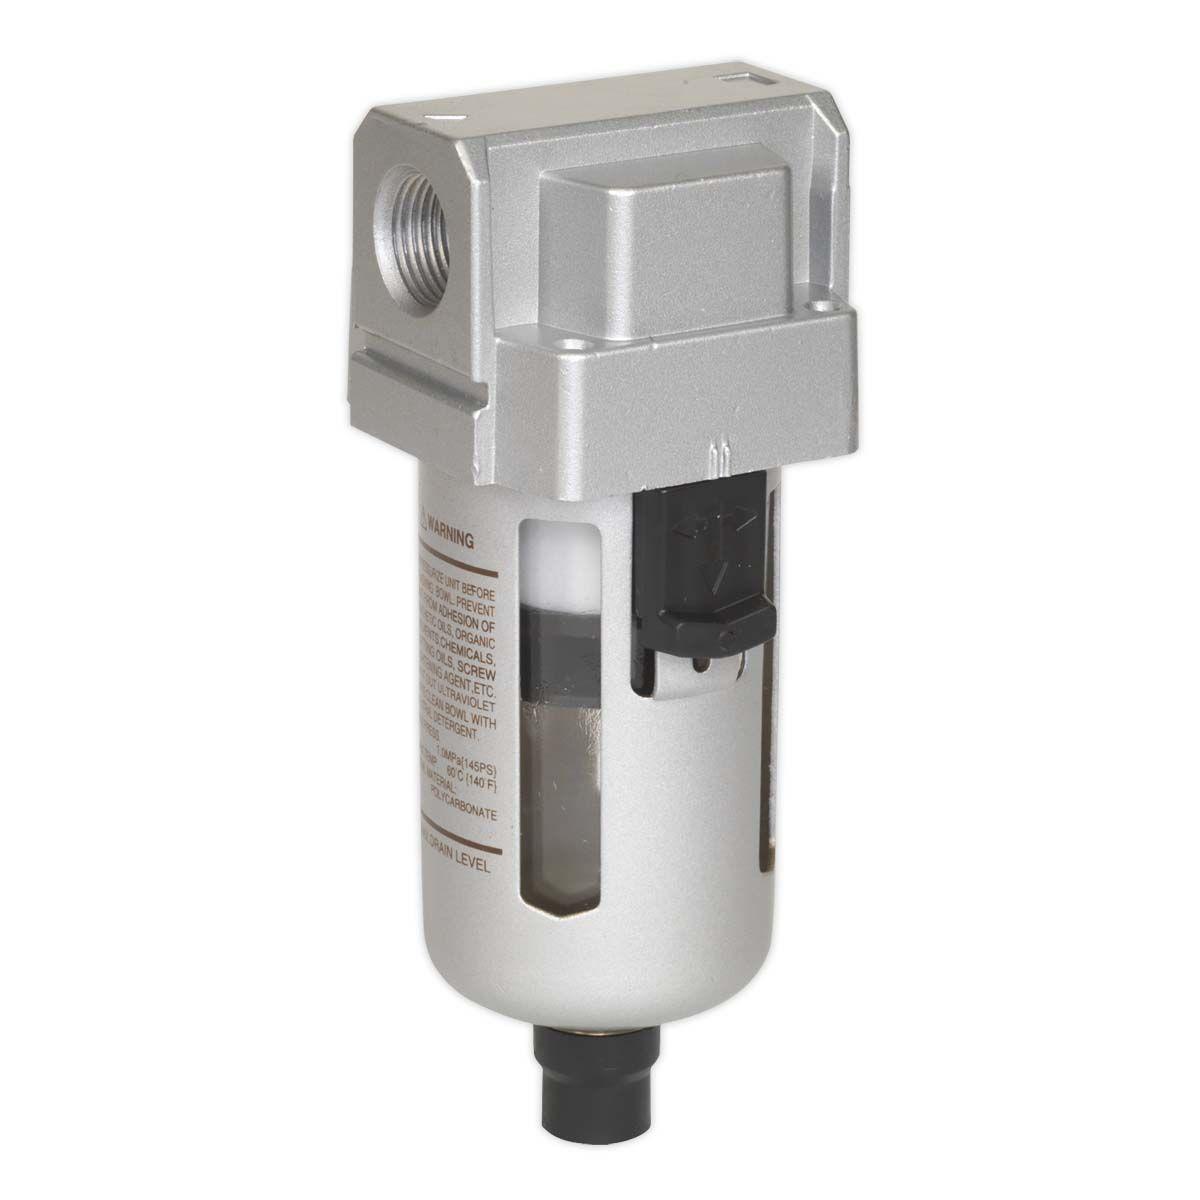 Sealey Air Filter